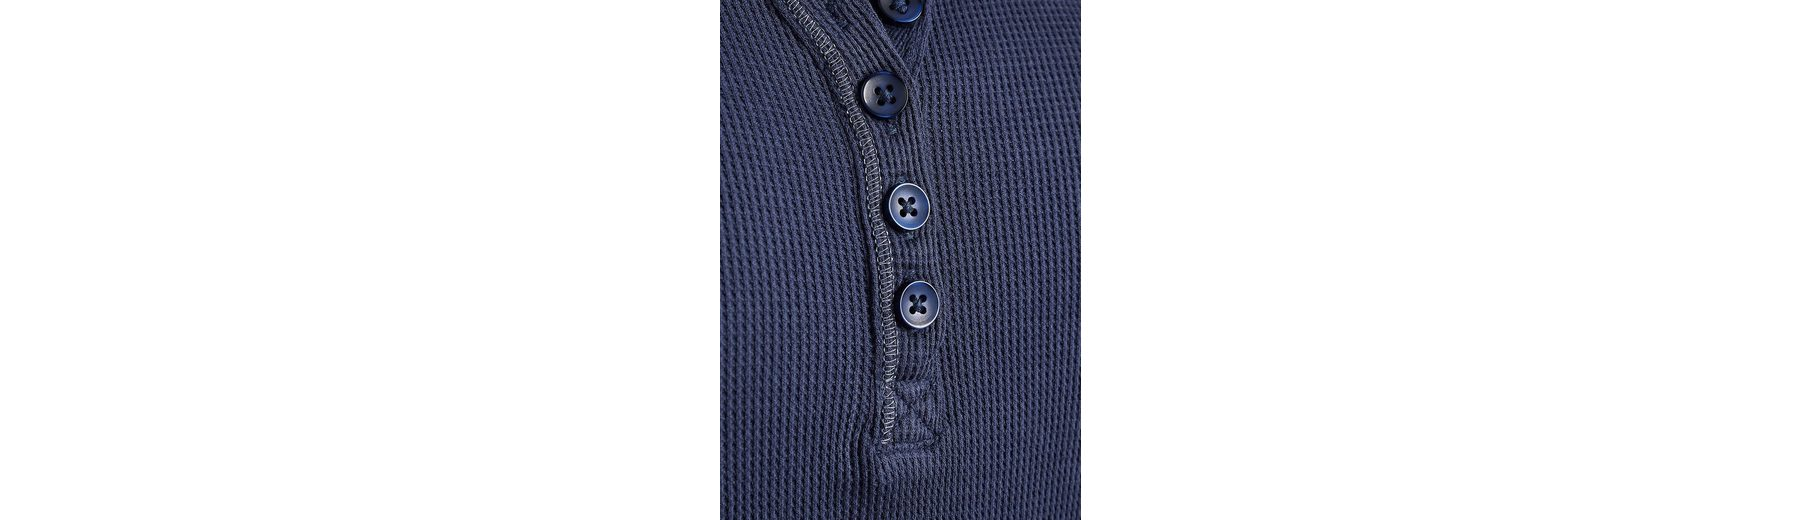 Verkauf Billig Spielraum Nicekicks Next Strukturiertes Langarmshirt Cw4fMlb9